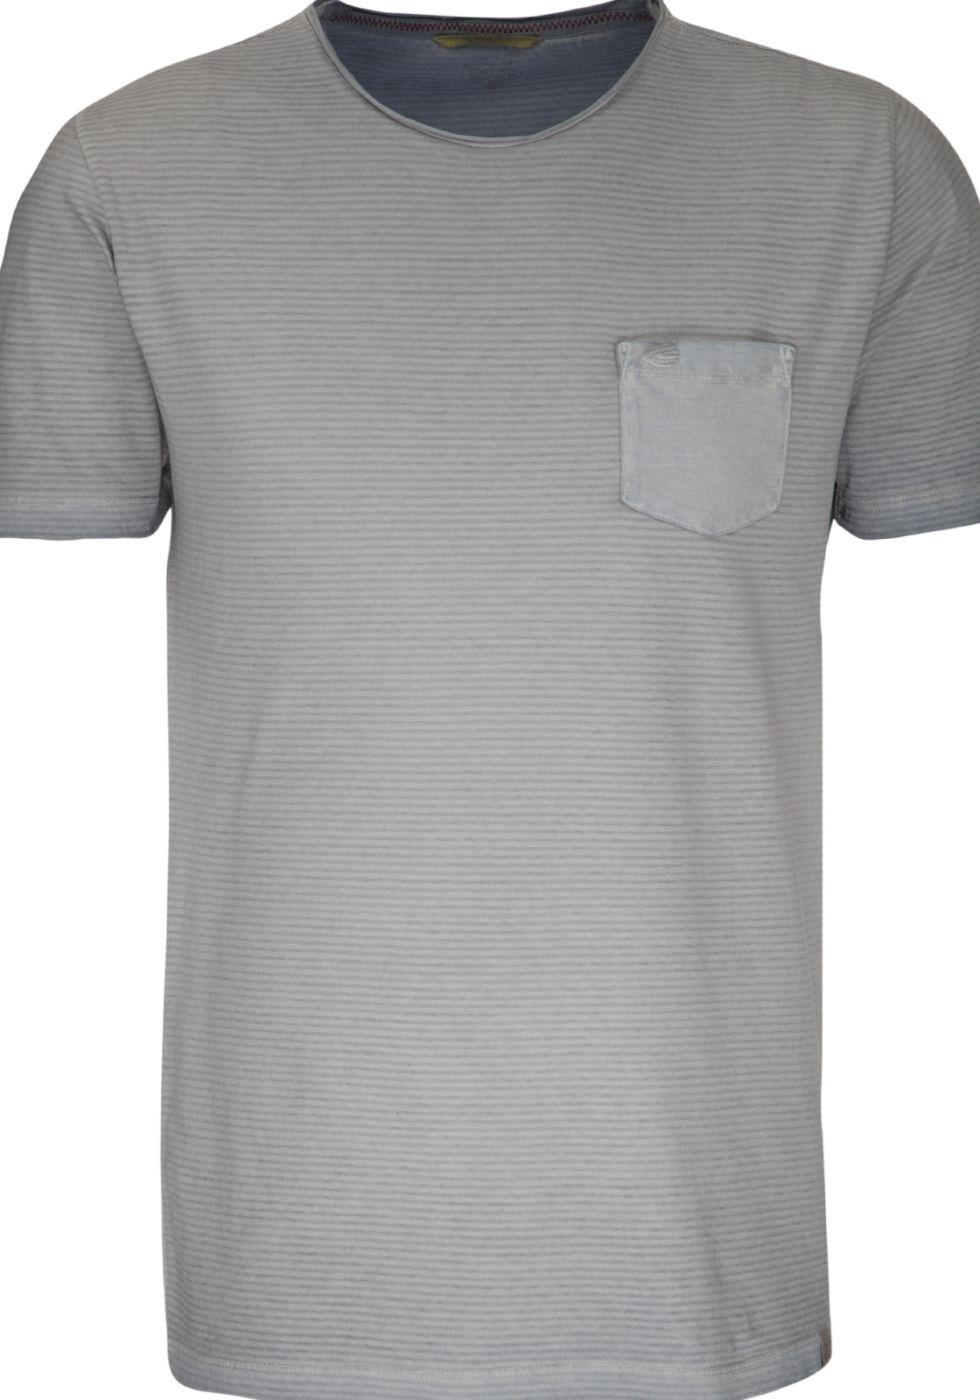 new arrival c2b6e ef056 Komfortowy t-shirt camel activ w kolorze szarym z ...